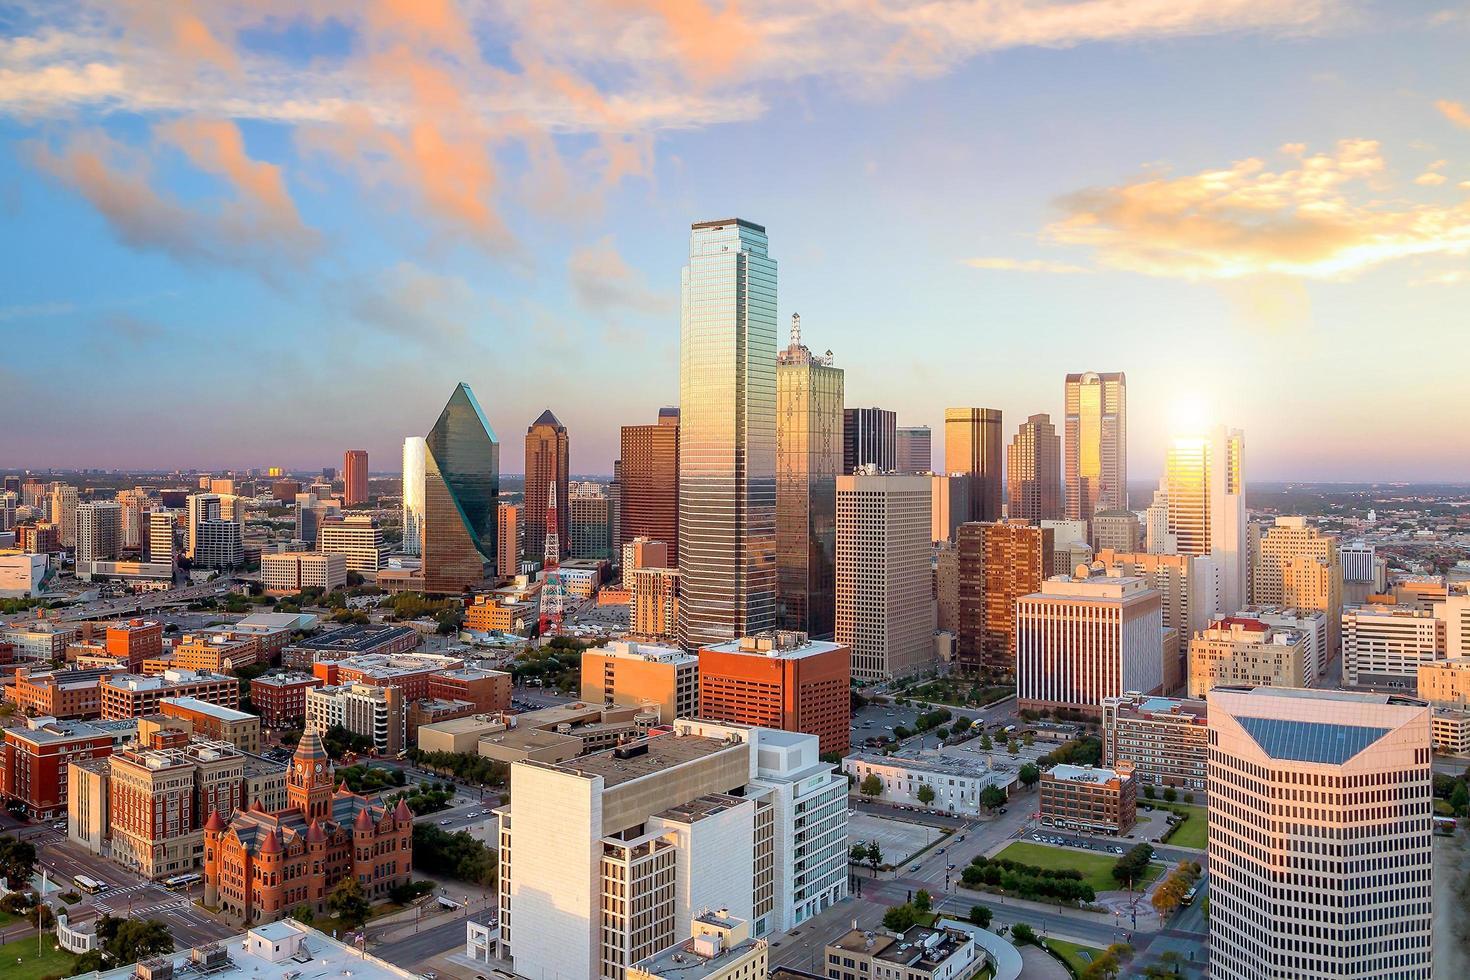 Dallas, Texas cityscape photo